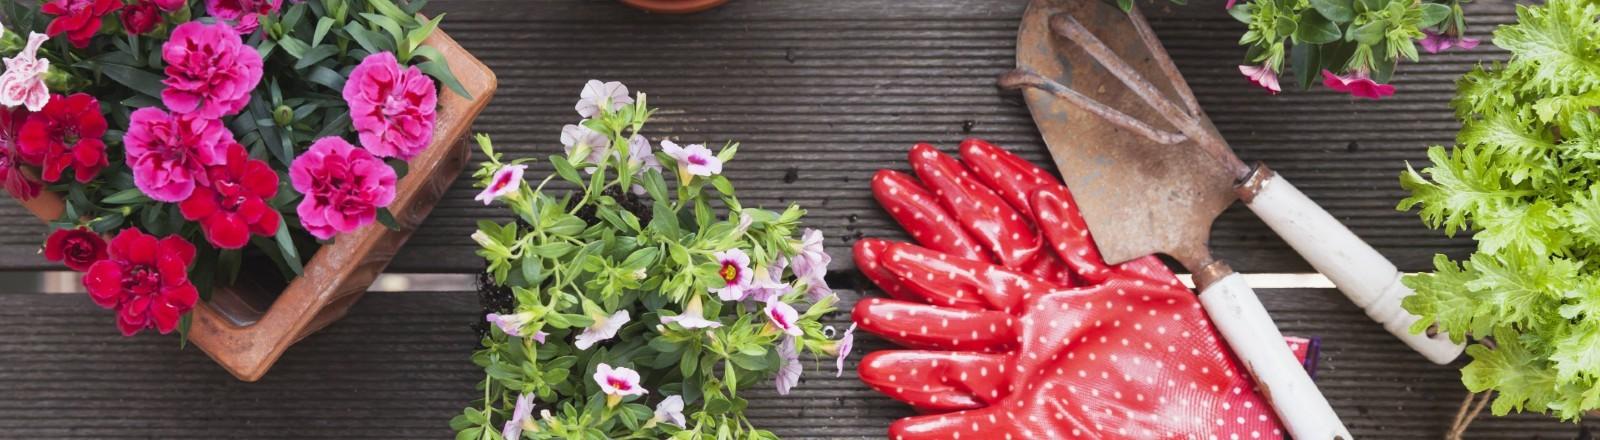 Blumen, Kräuter, Pflanzen, Werkzeug und rote Gartenhandschuhe auf einem Balkon.